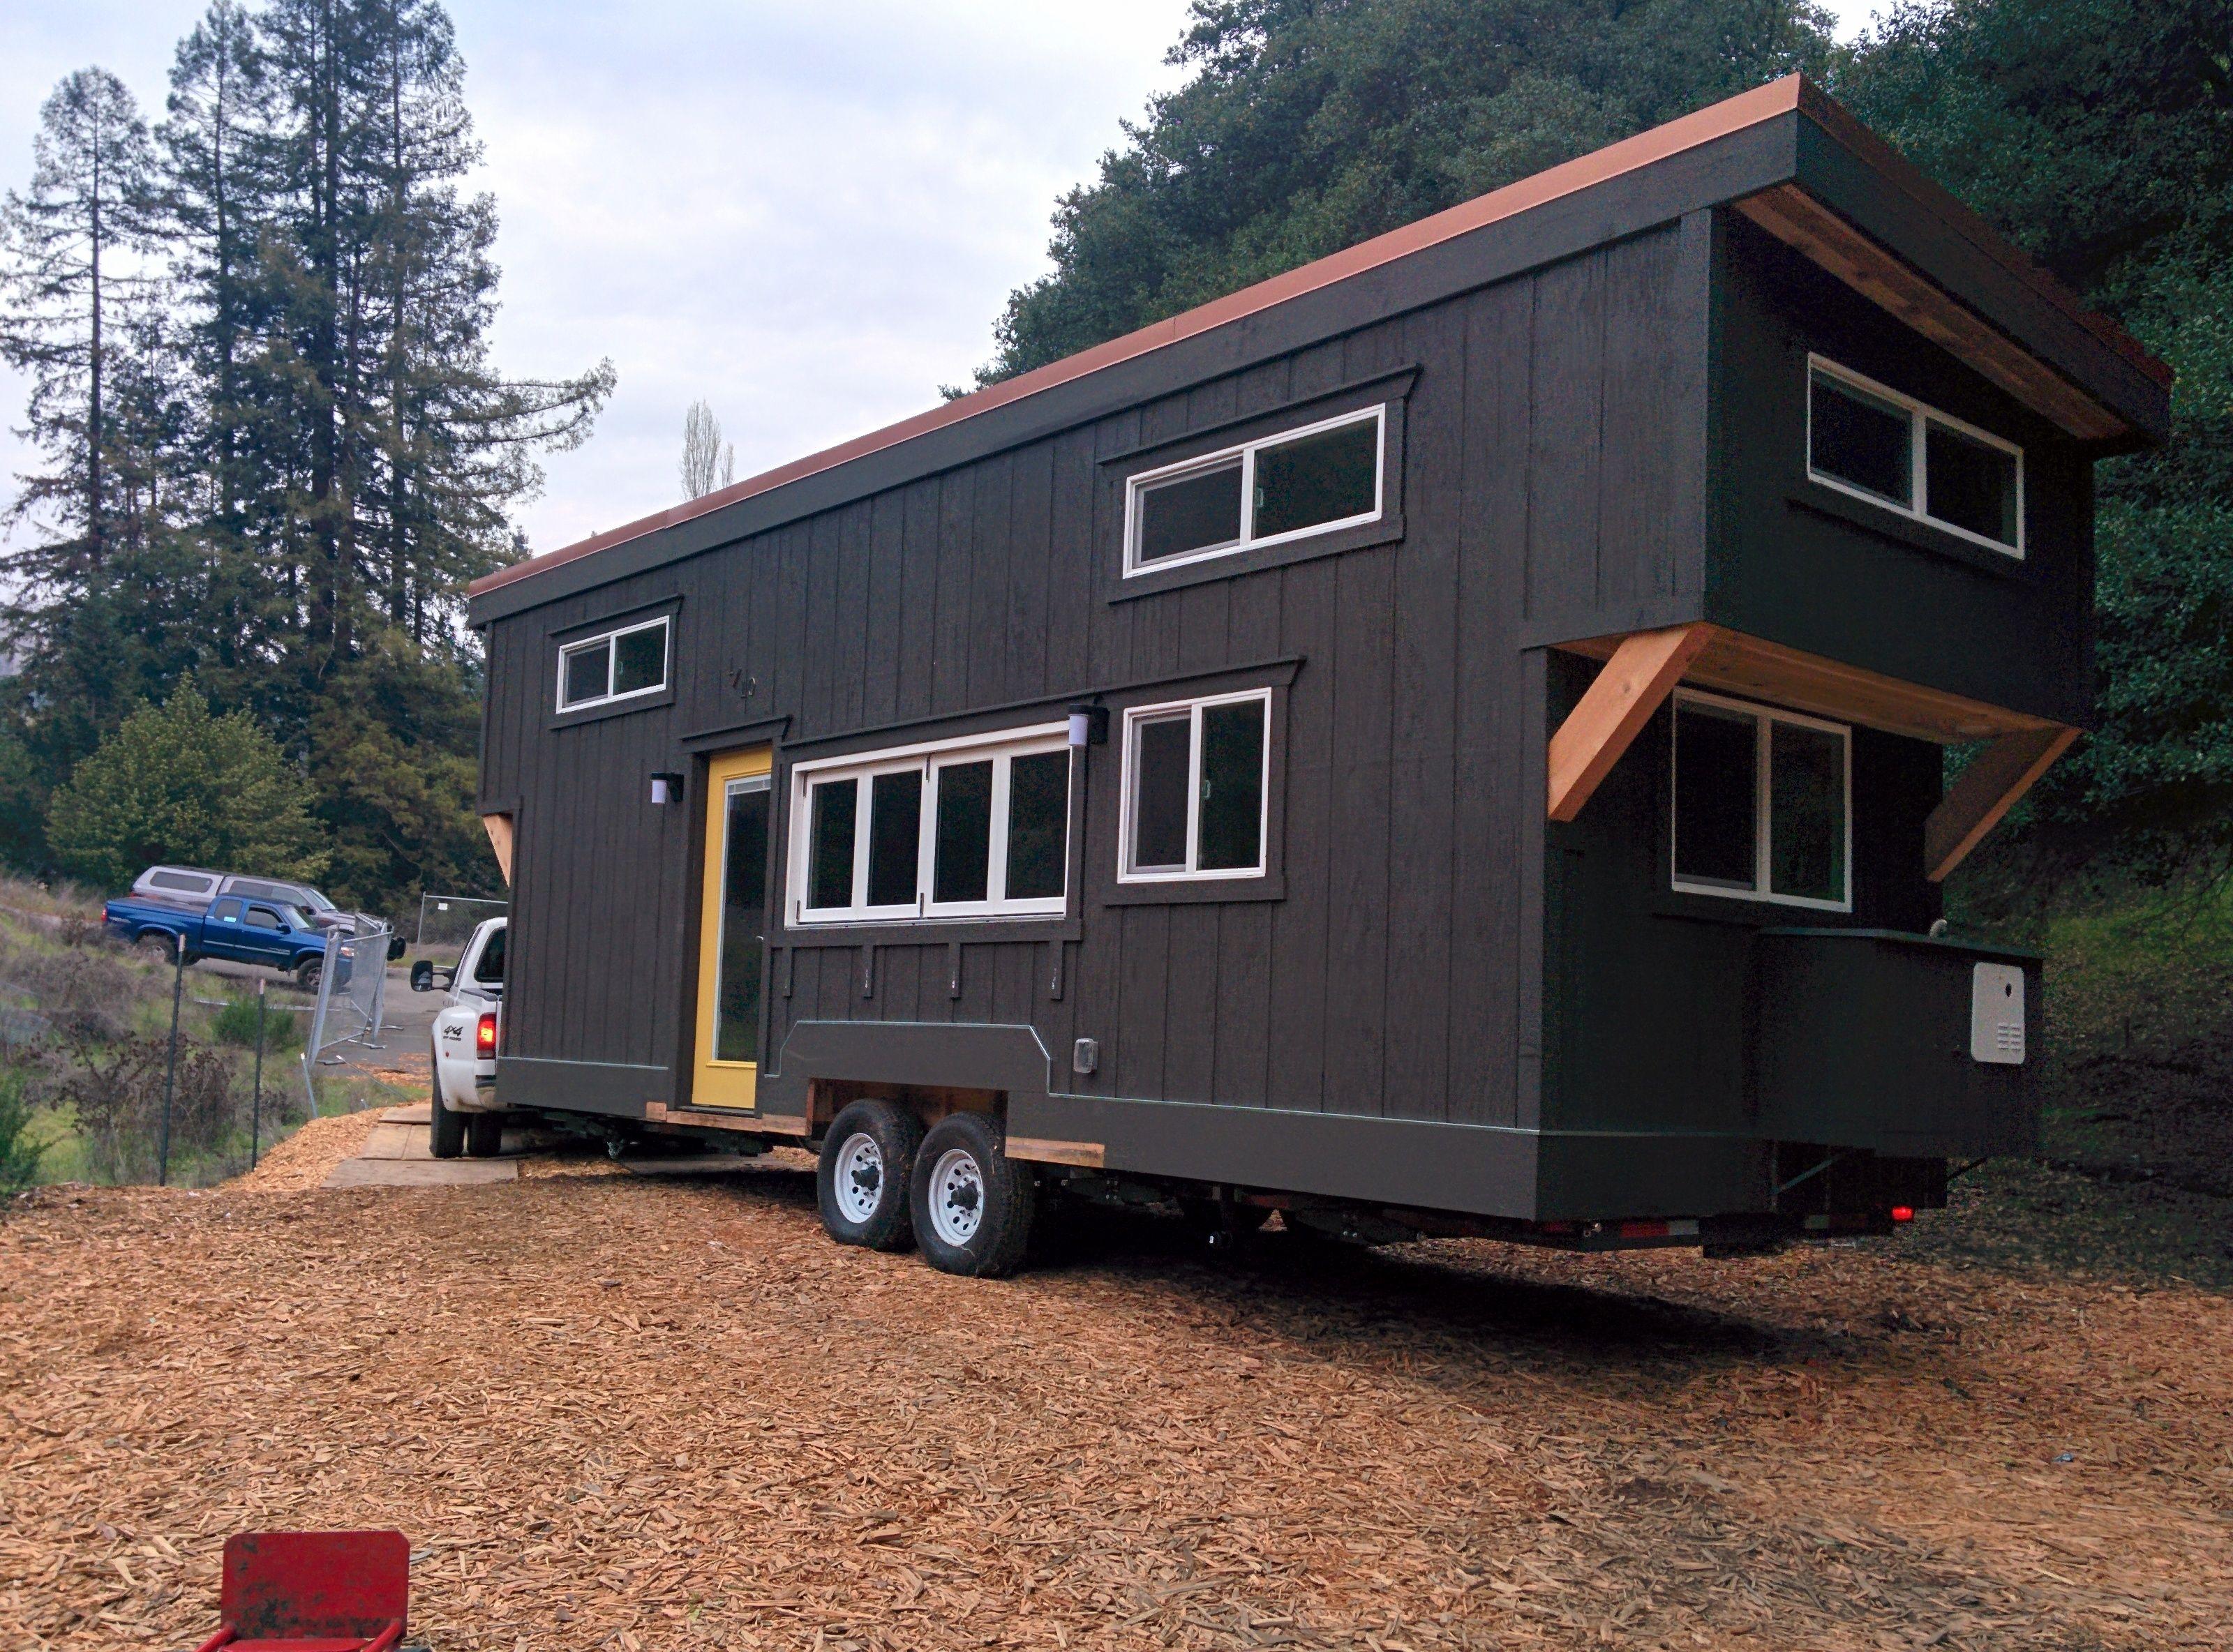 Moving The Tiny House  Tiny House Basics  Tiny house trailer